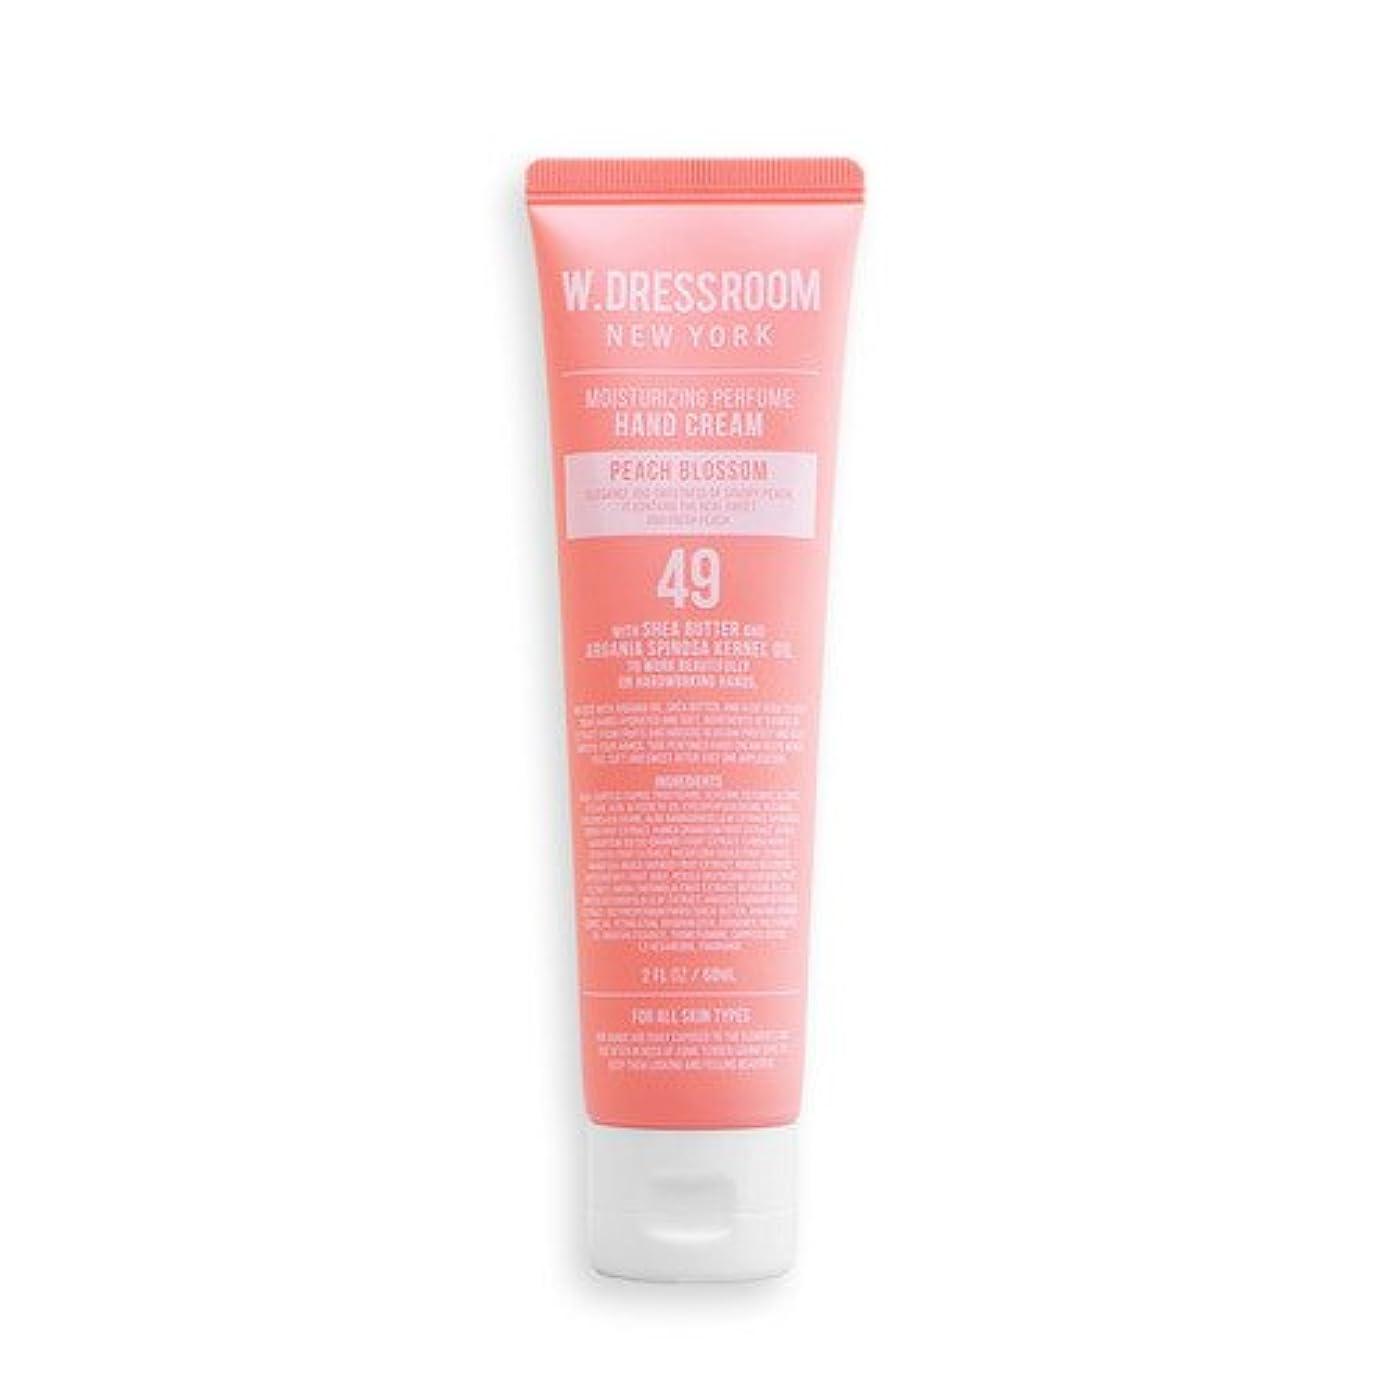 パトロン牽引喜劇W.DRESSROOM Moisturizing Perfume Hand Cream 60ml/ダブルドレスルーム モイスチャライジング パフューム ハンドクリーム 60ml (#No.49 Peach Blossom...